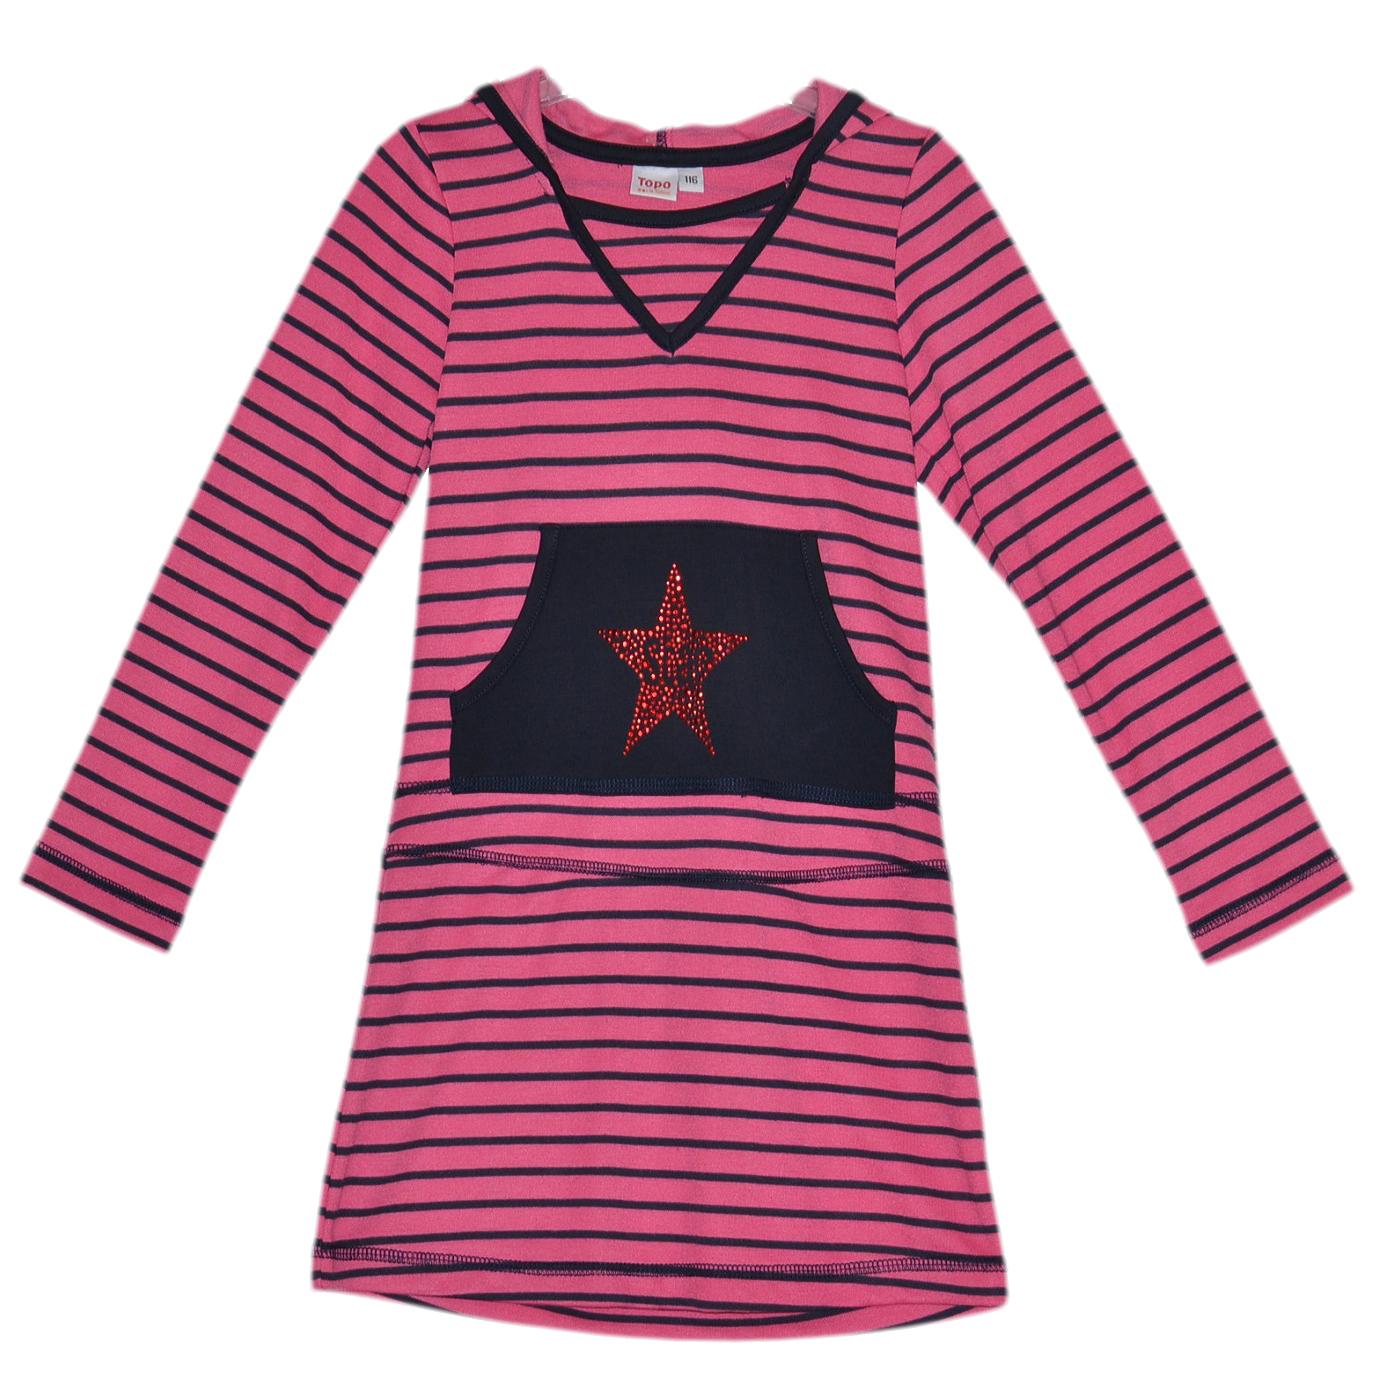 Topo Dievčenské prúžkované šaty s kapucňou - ružové d70ced73fcc